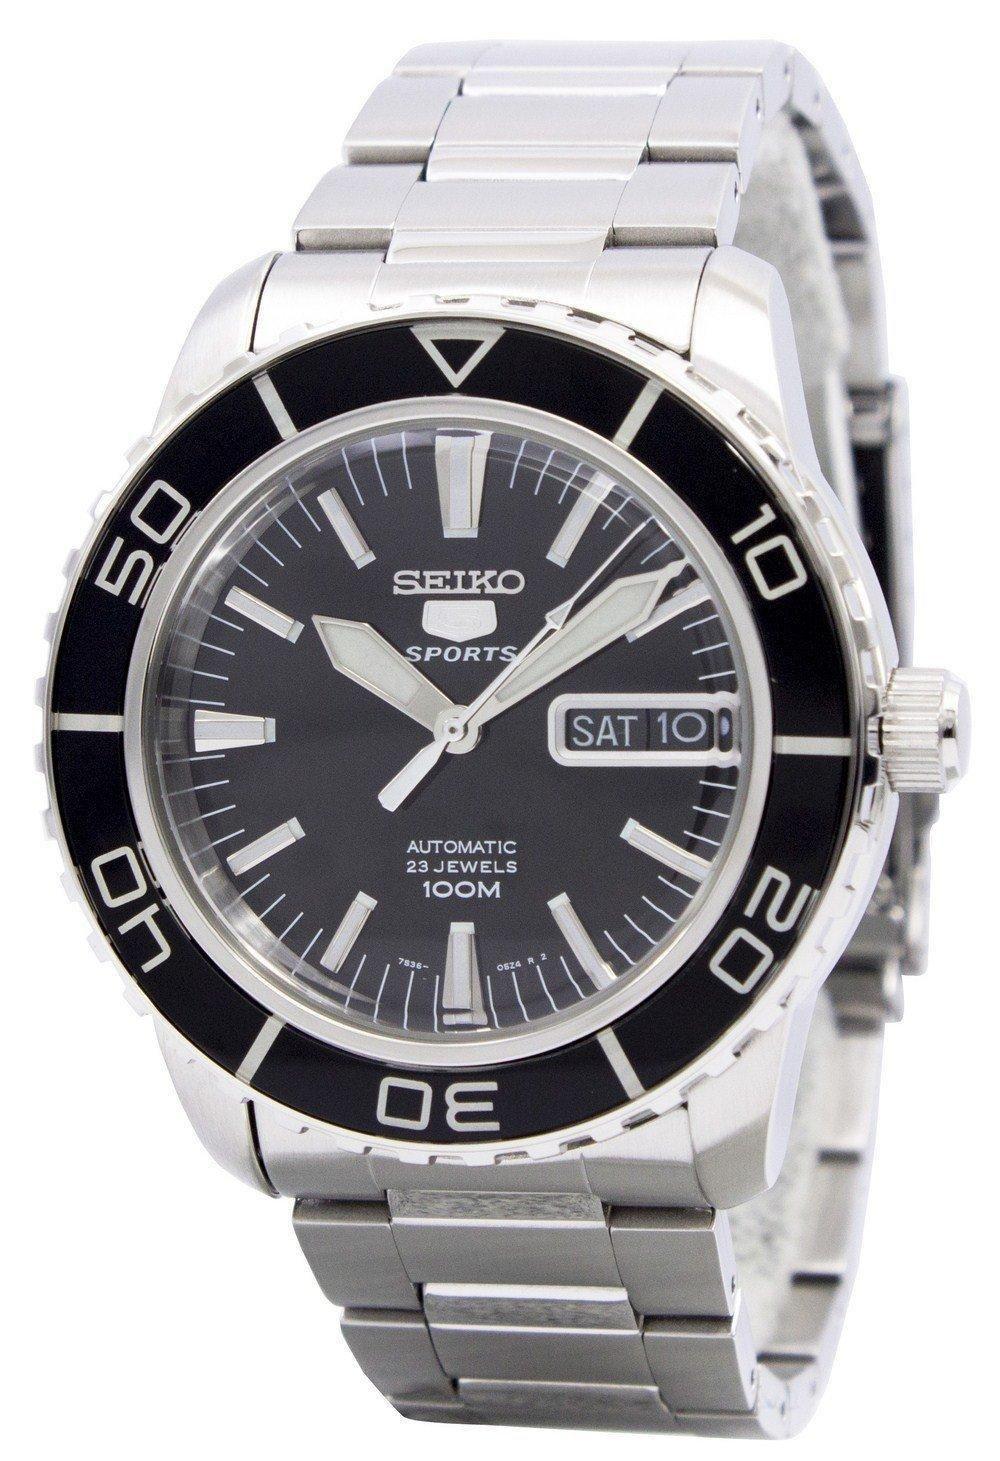 Seiko Automatic Sports SNZH55 SNZH55K1 SNZH55K Men's Watch